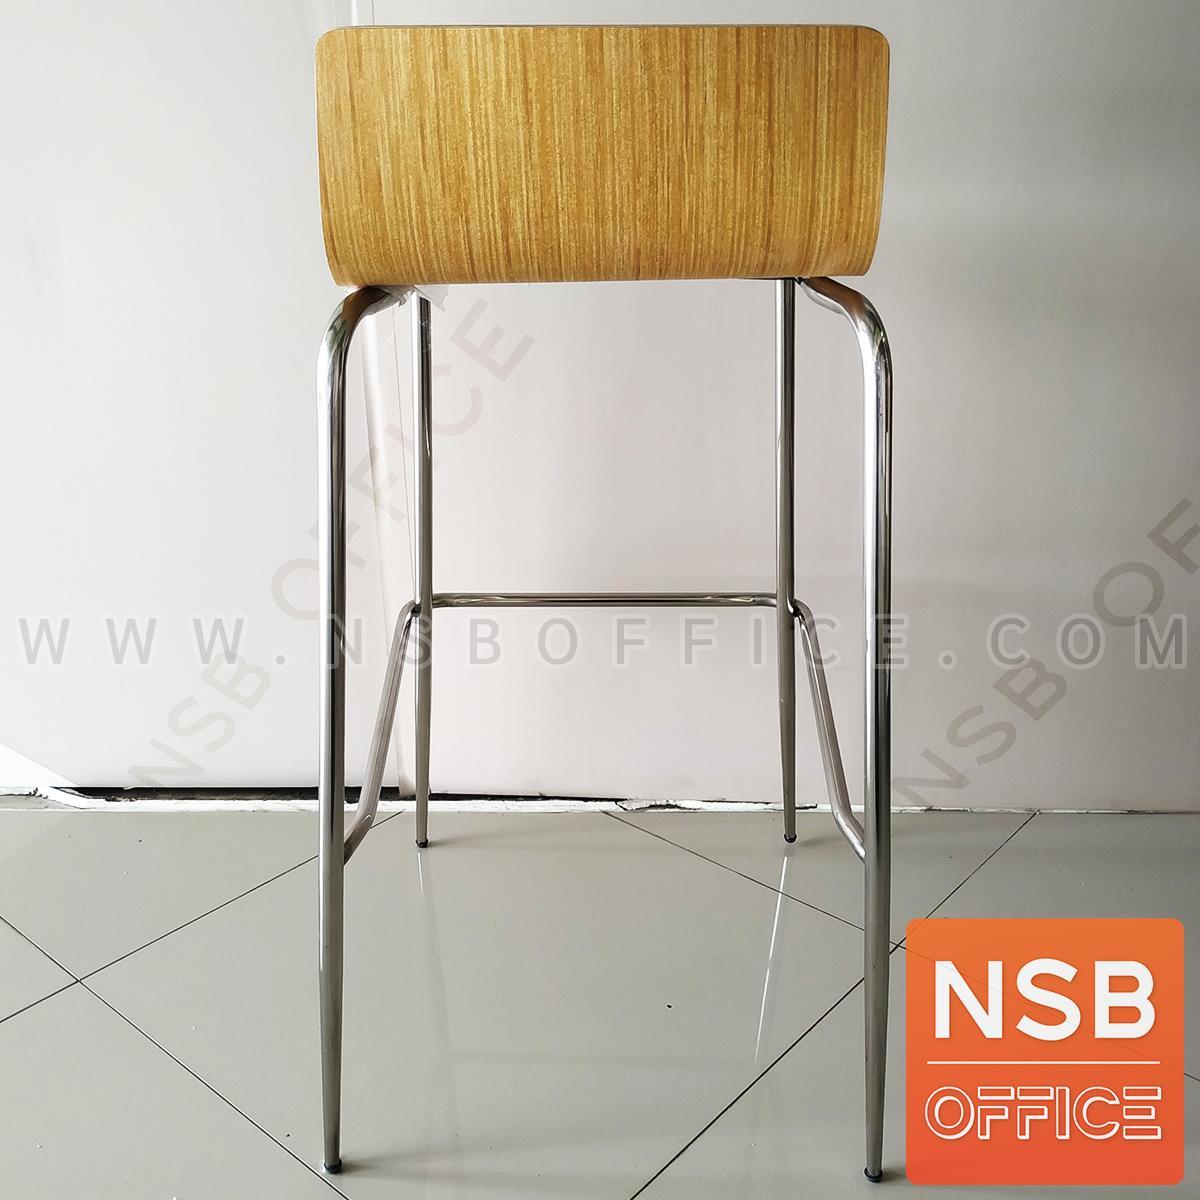 เก้าอี้บาร์ไม้วีเนียร์ รุ่น Emperer (เอ็มเพอร์เรอร์)  โครงขาสเตนเลส